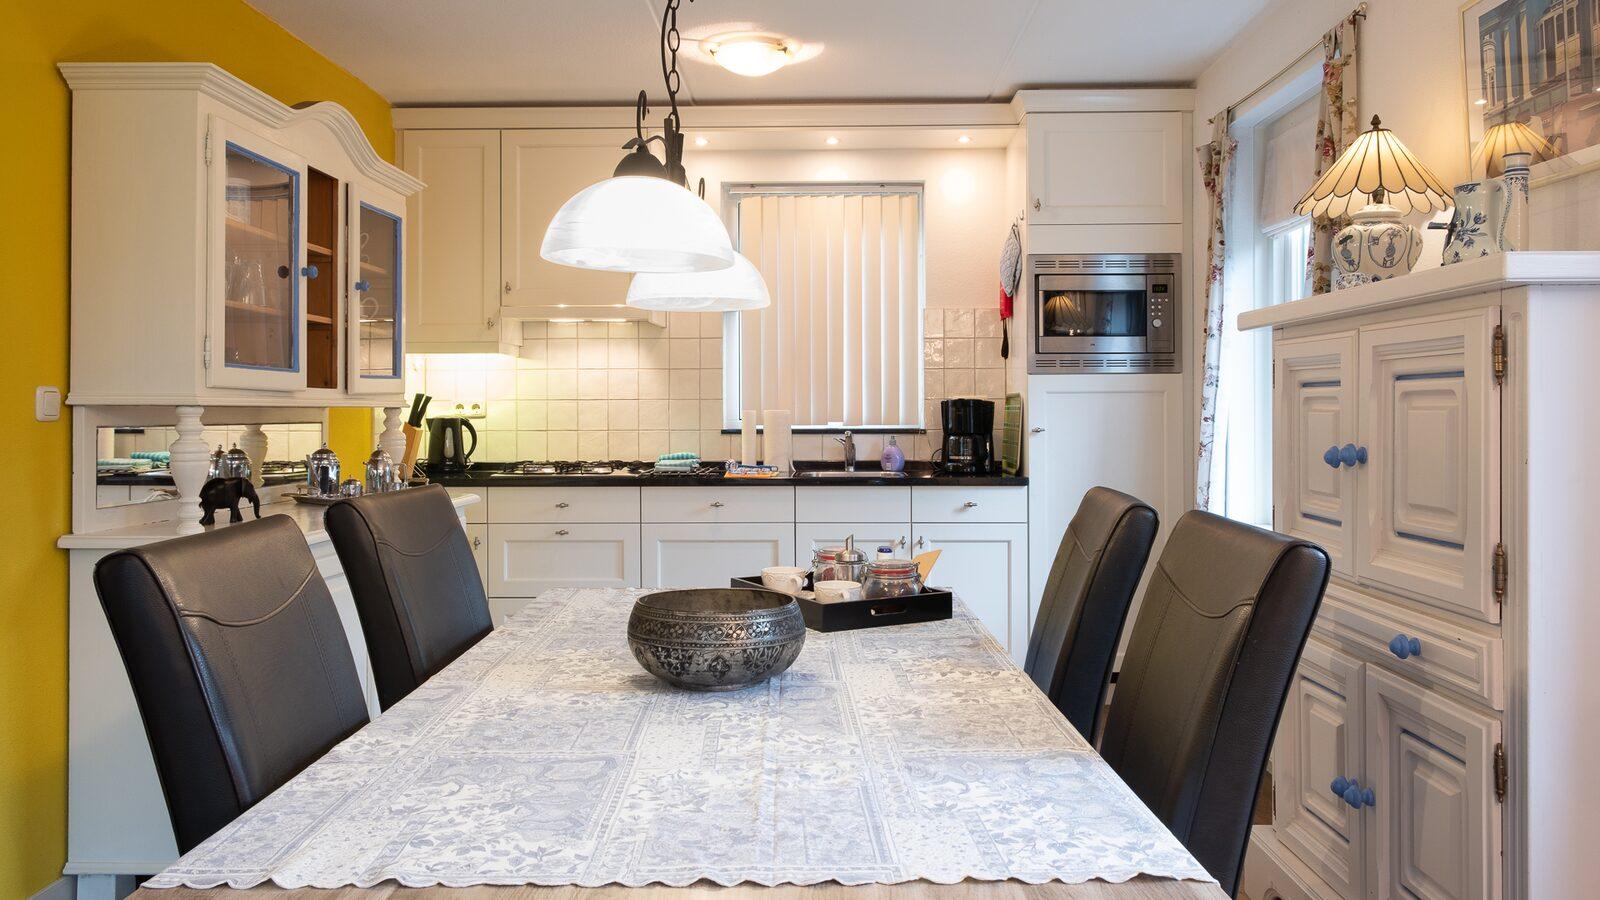 Holidayhouse - Zuidweg 18 | Zonnemaire 'huisje Paola'